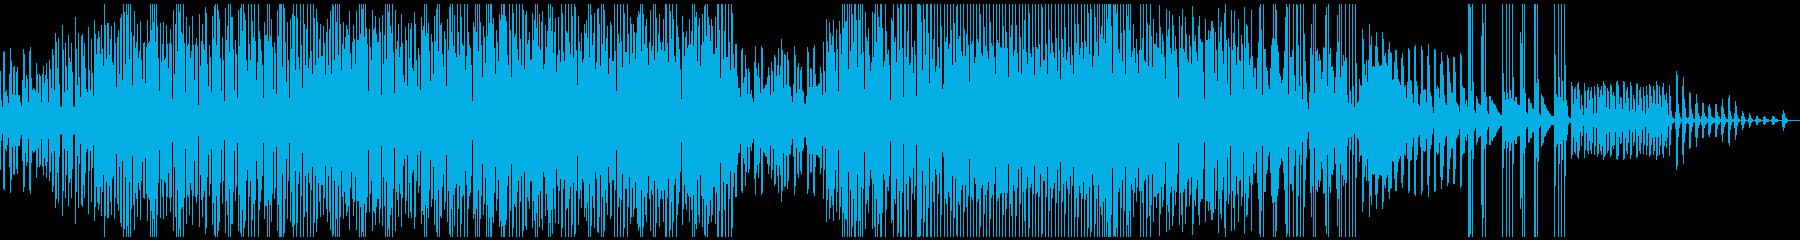 ほのぼのした三味線とマリンバのレゲエの再生済みの波形